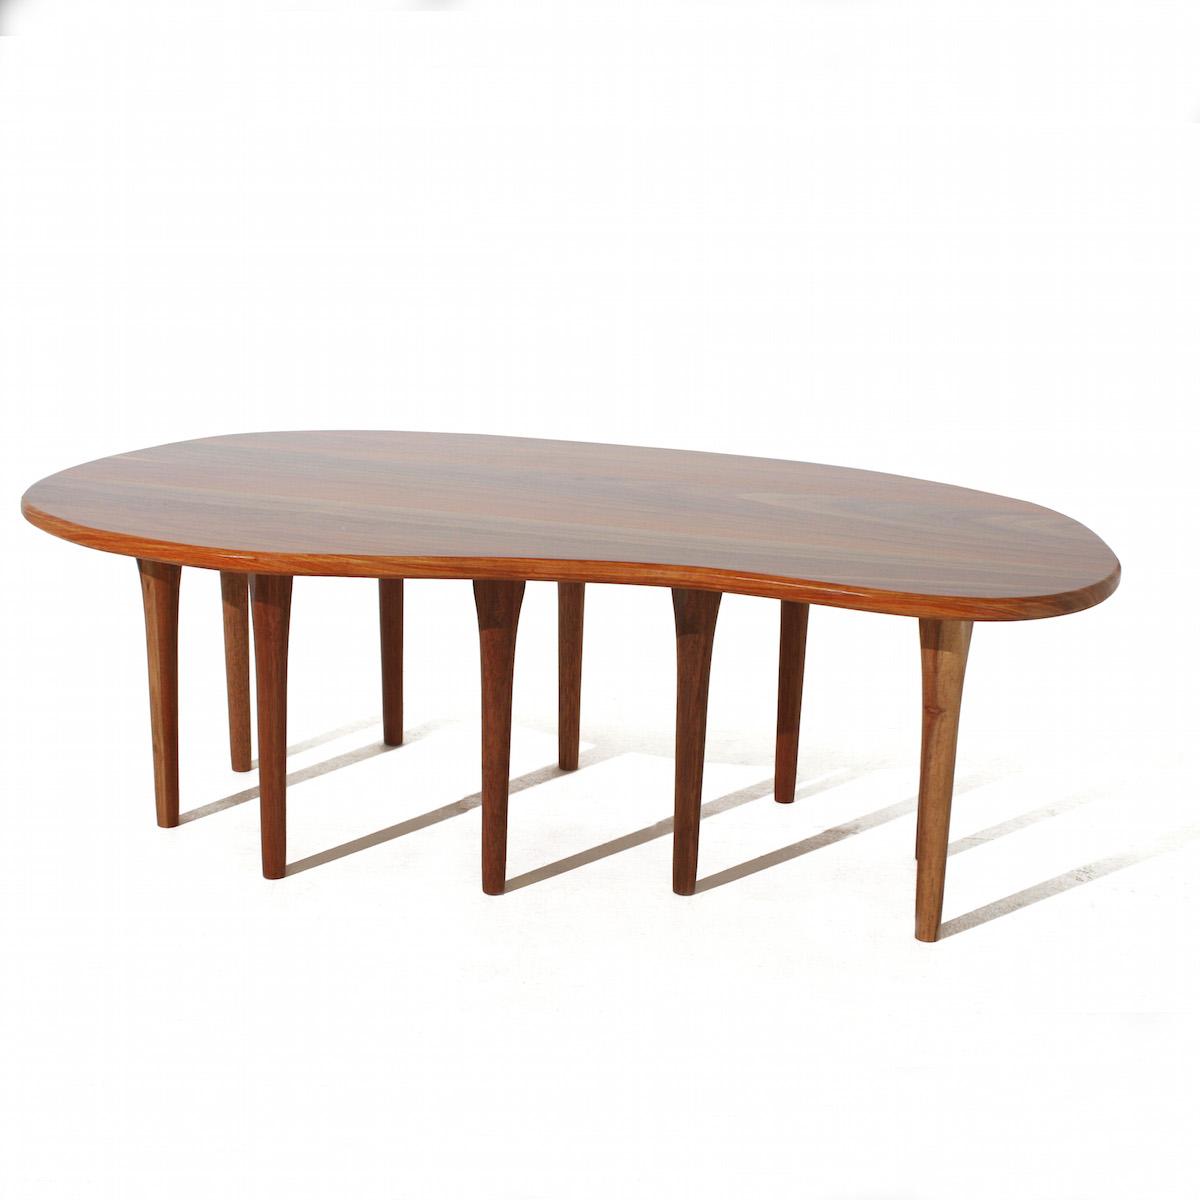 The Goodwood Co Leggy Bean Coffee Table The Goodwood Co